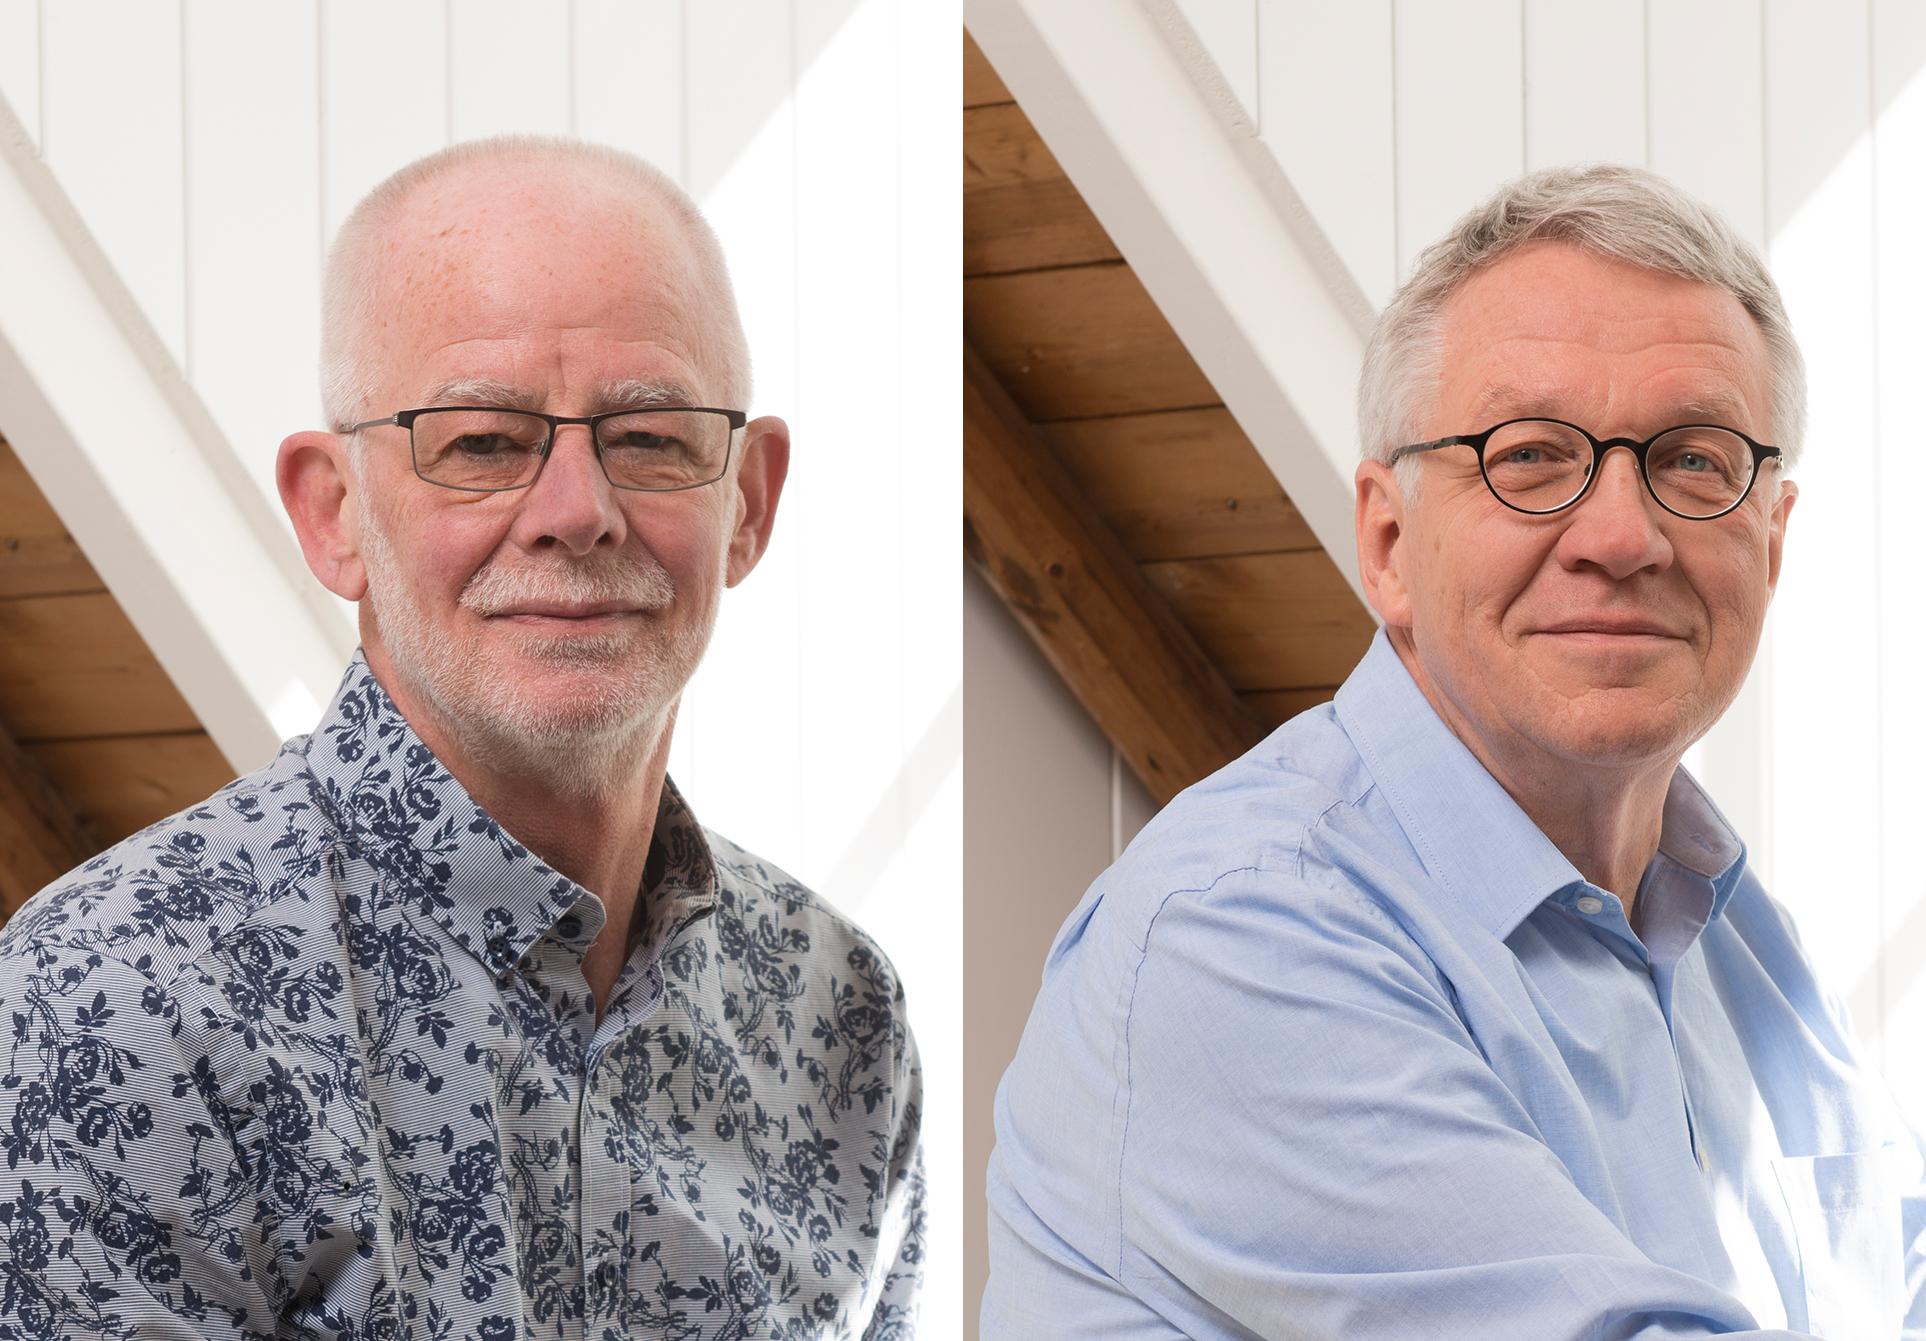 Stichting MKB Financiering uitgebreid met beleidsadviseur & auditor